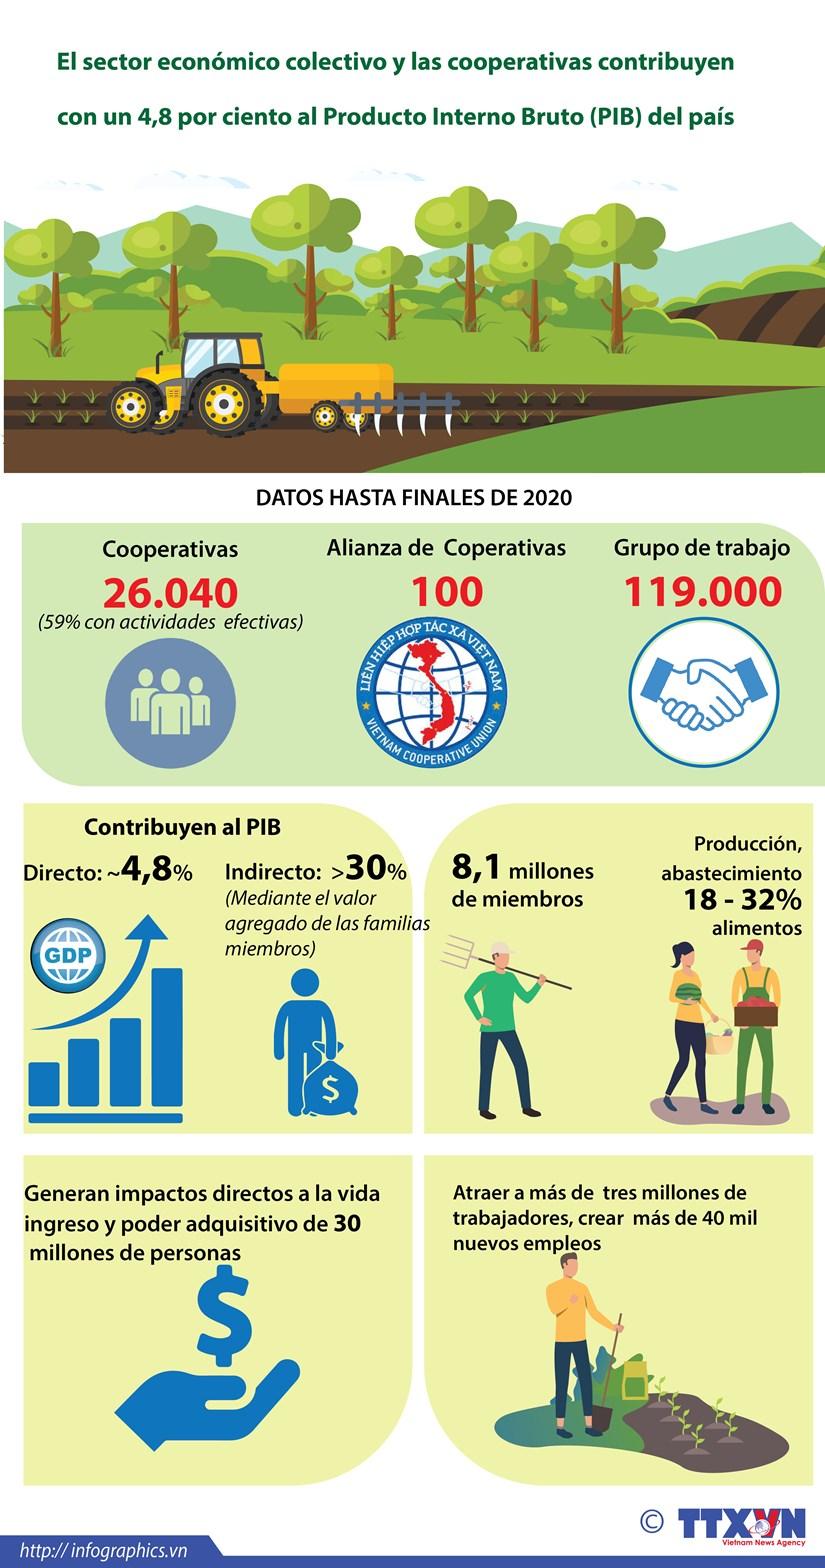 El sector economico colectivo y las cooperativas contribuyen con un 4,8 por ciento al Producto Interno Bruto del pais hinh anh 1